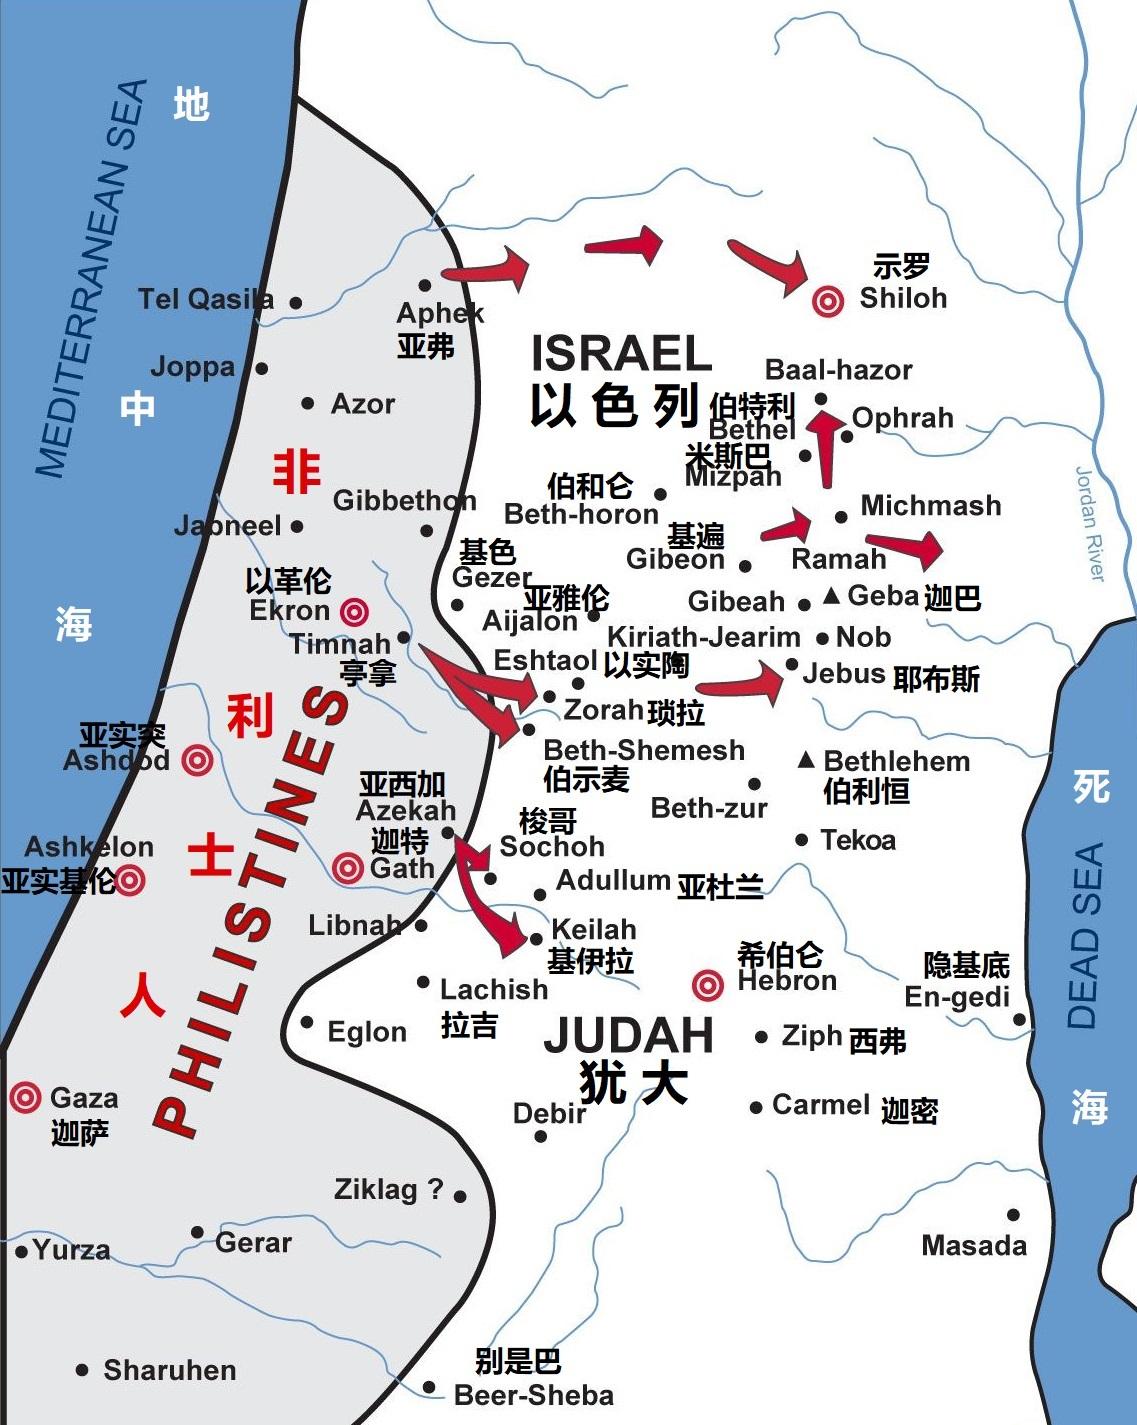 上图:非利士五城(迦萨、亚实基伦、亚实突、迦特、以革伦),以及非利士人与以色列人争战的主要地点。以色列人称非利士人为「帕利士丁 P'lishtim」,他们的地为「帕勒斯坦 Pelesheth」。主前5世纪,古希腊历史学家希罗多德开始用「巴勒斯坦 Palaistinē」来称呼这个地区。主后135年,罗马帝国赶走犹太人,把犹太省改名为「叙利亚巴勒斯坦 Syria Palaestina」,后来被称为「巴勒斯坦 Palestine」,一直到1948年以色列复国。今天的巴勒斯坦人是二世纪以后陆续迁入的各民族混杂形成的,他们在七世纪之前大都是希腊化的基督徒,七世纪被阿拉伯人征服后仍然是基督徒,一直到1187年被萨拉丁(Saladin)征服后,才逐渐伊斯兰化。